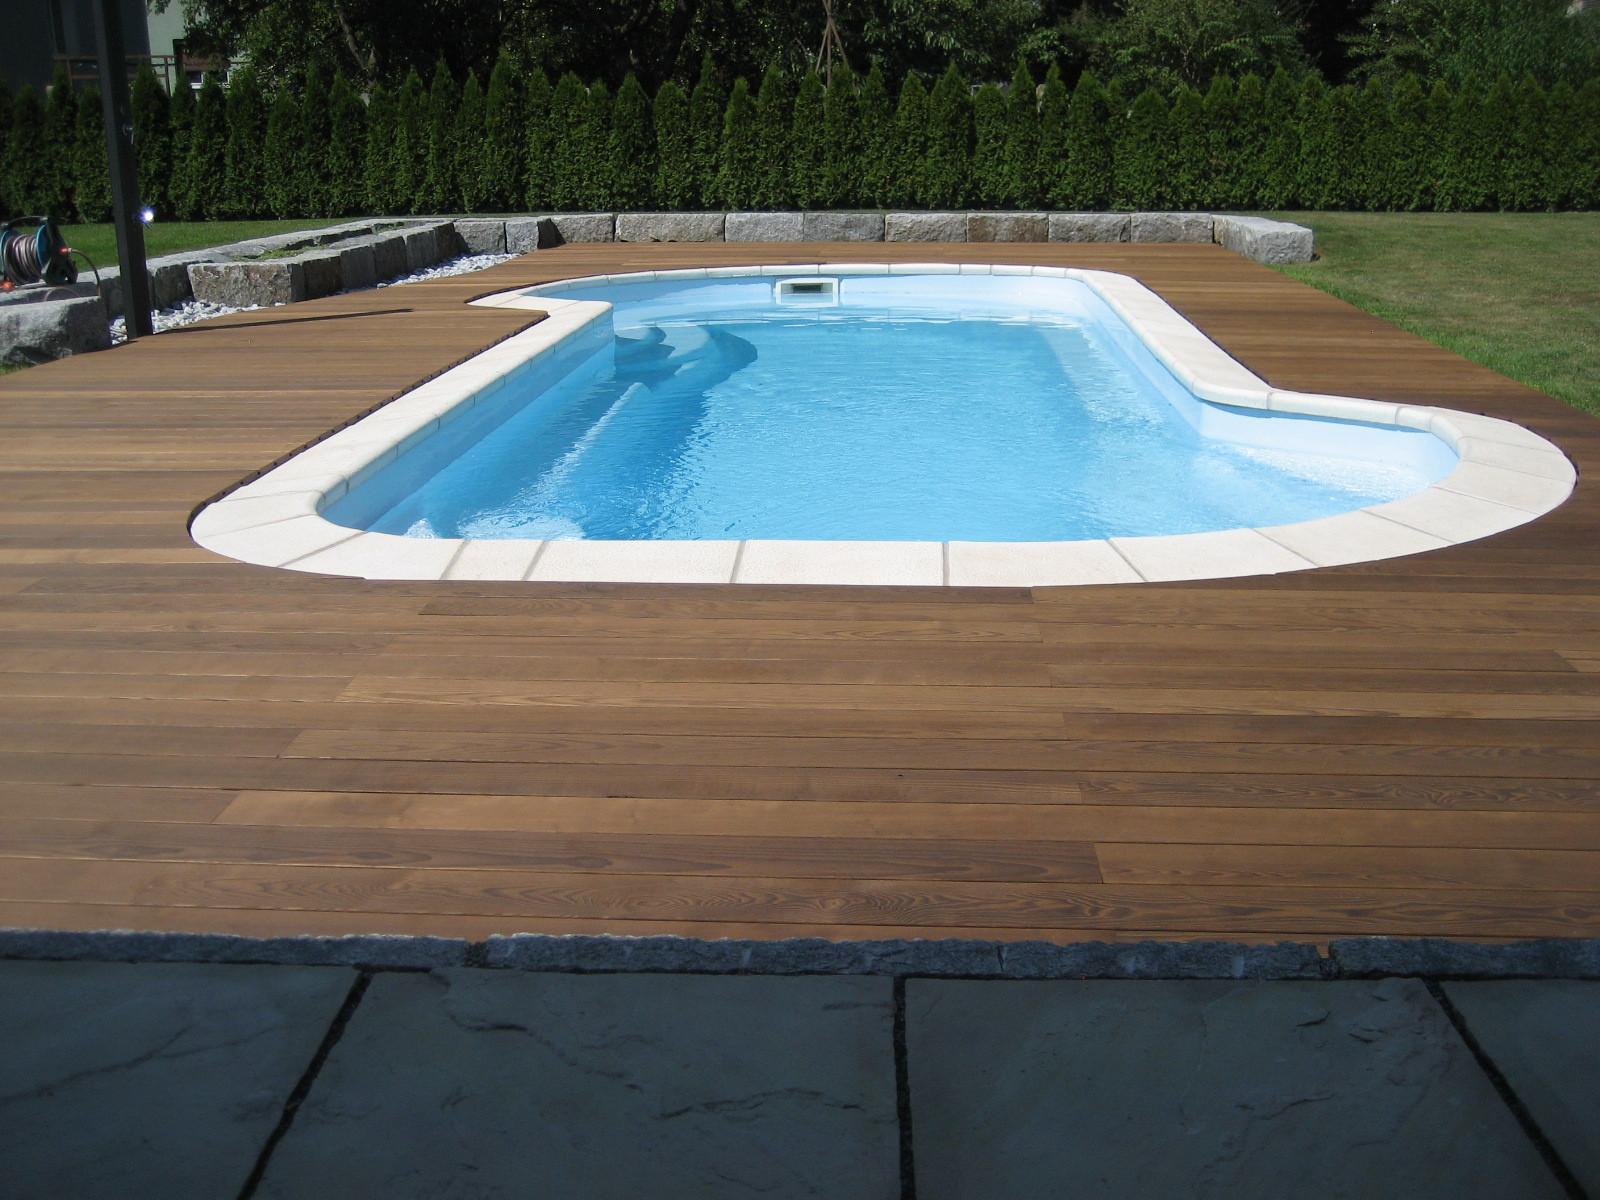 Poolterrasse mit Thermoesche - Dielen